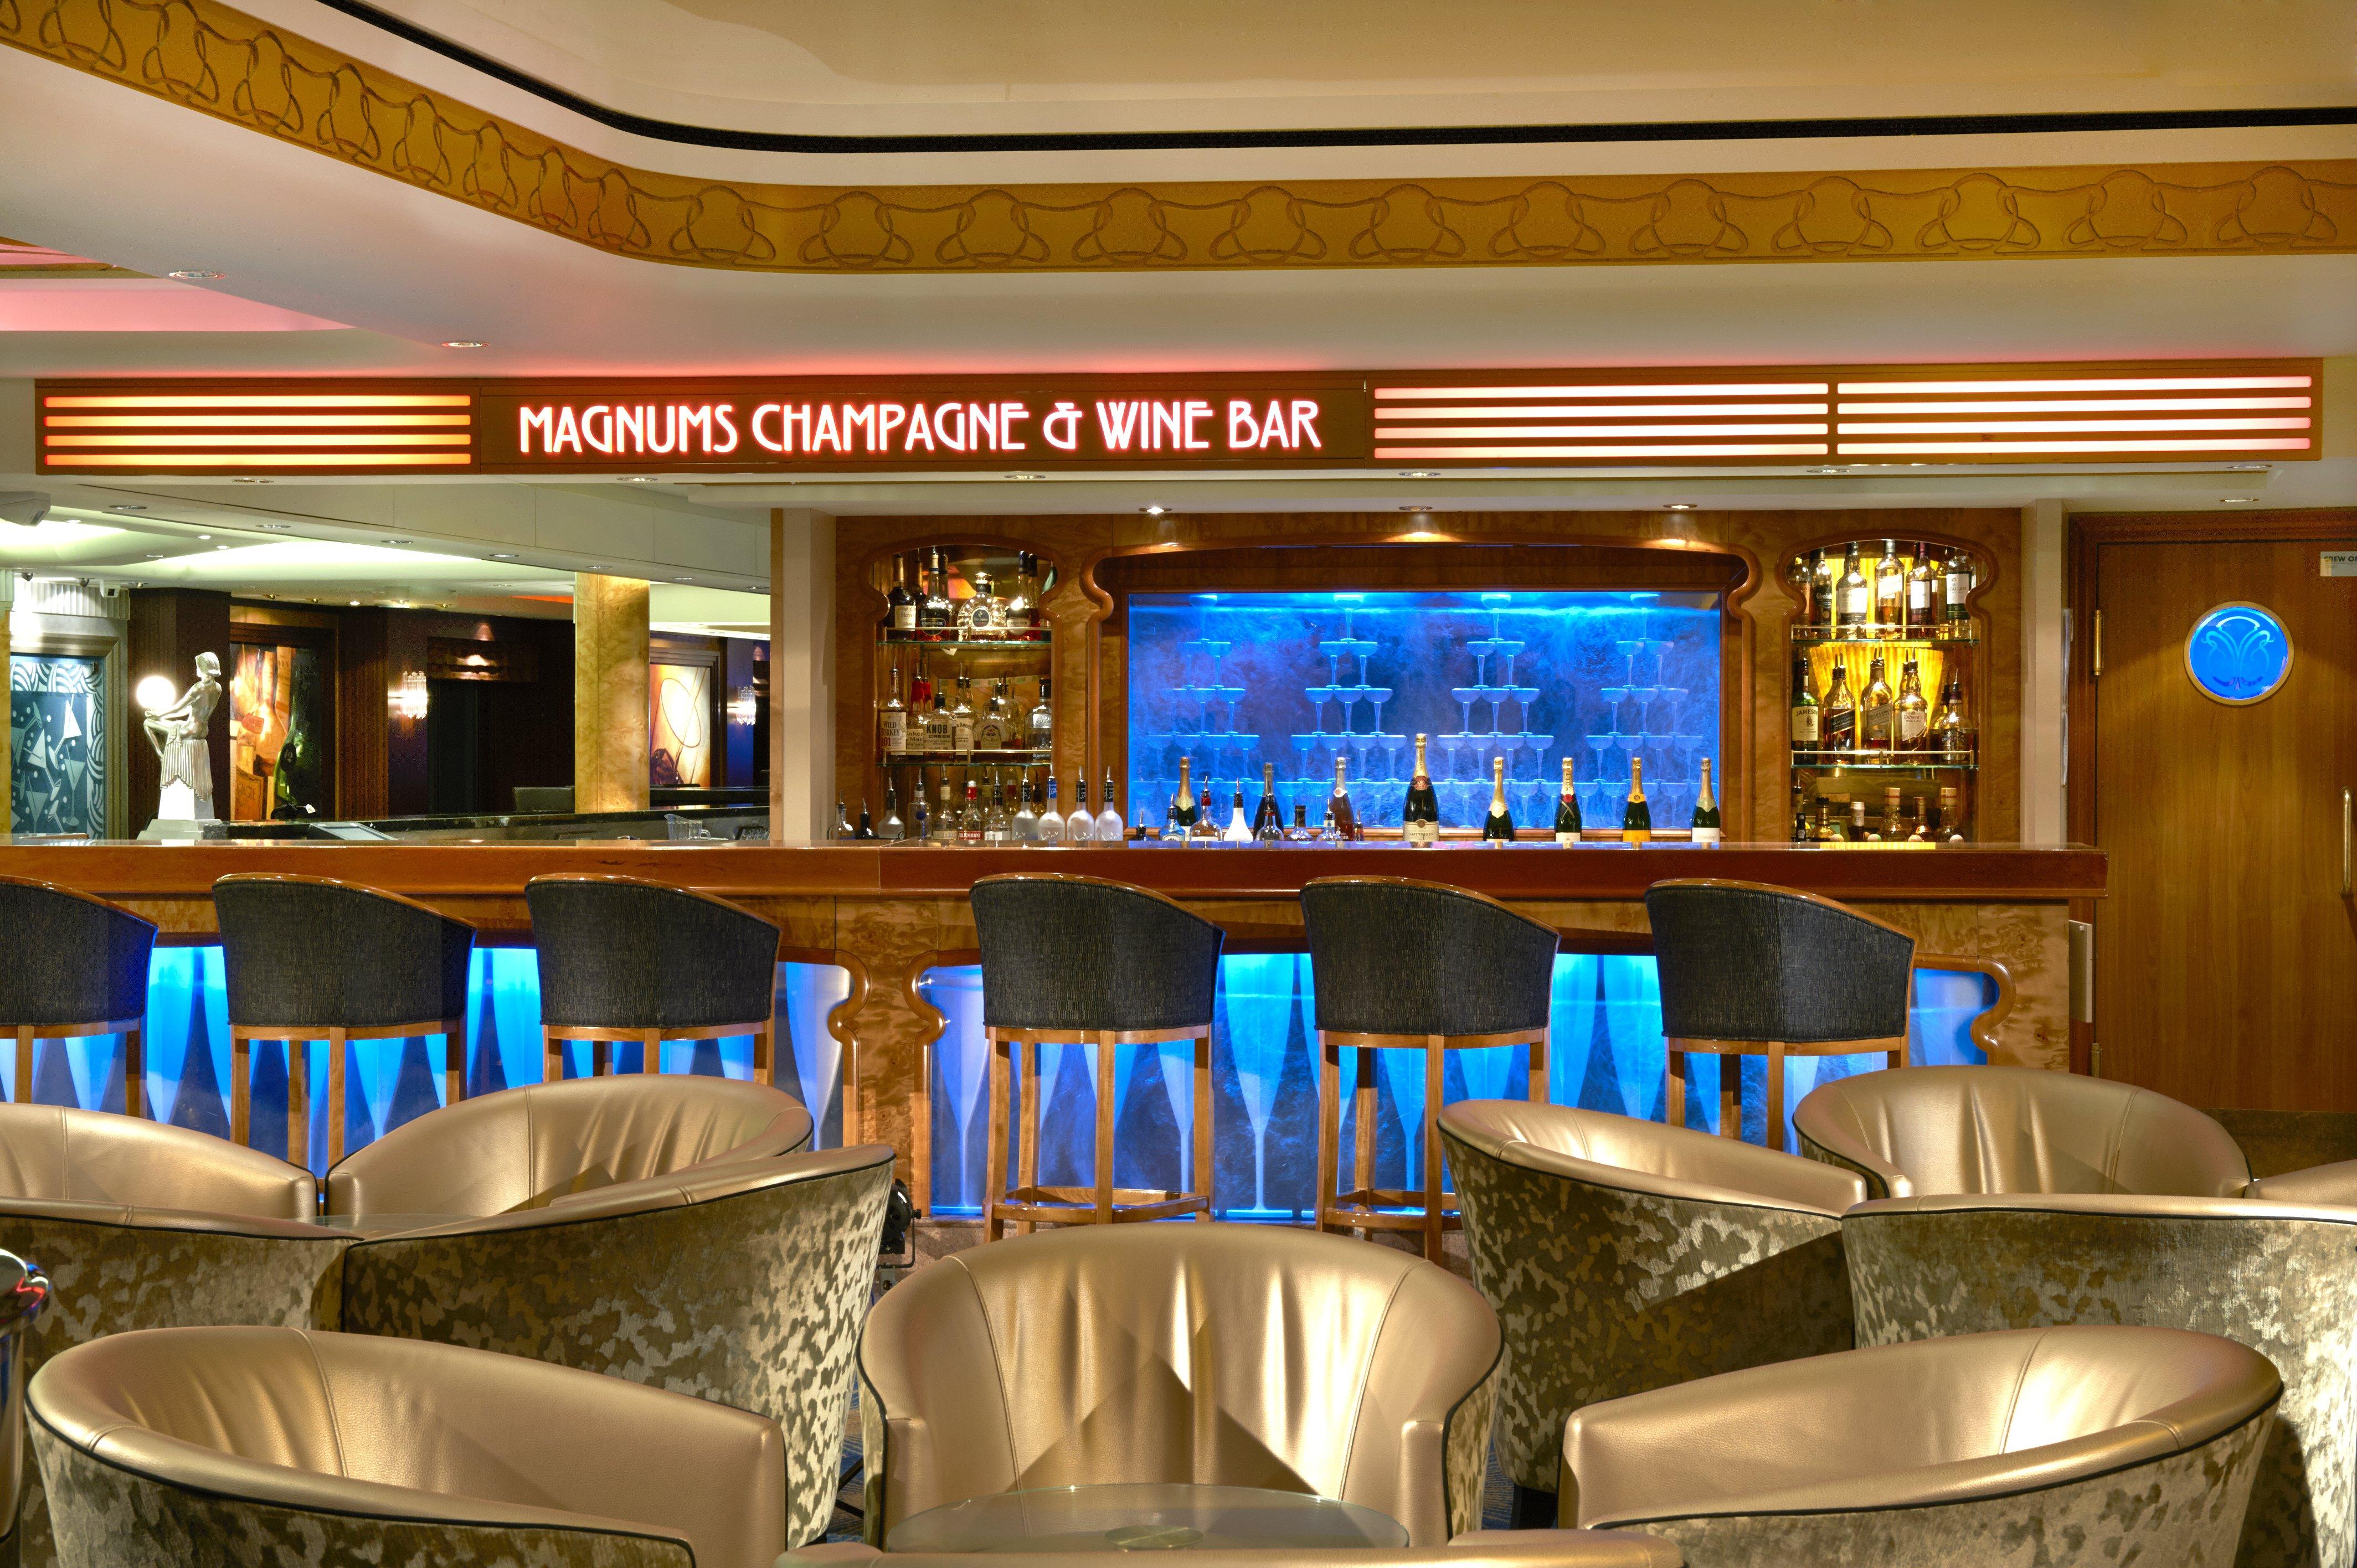 香槟吧 Magnum's Champagne & Wine Bar